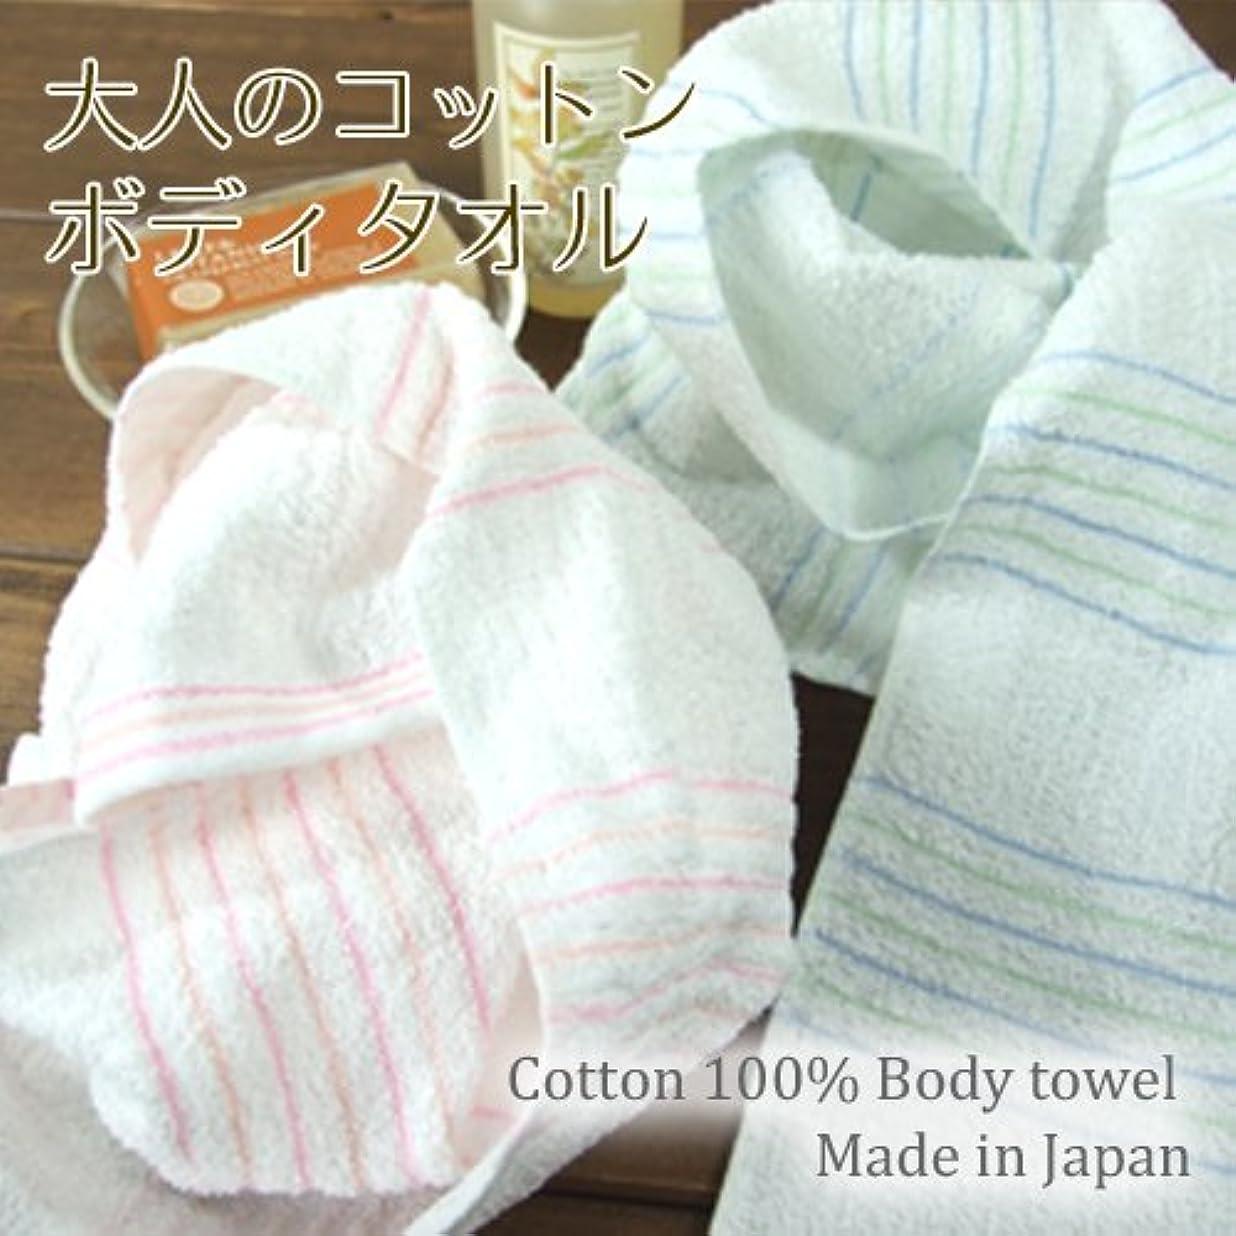 返還意欲ぜいたく日本製 ボディタオル コットン100% ピンク